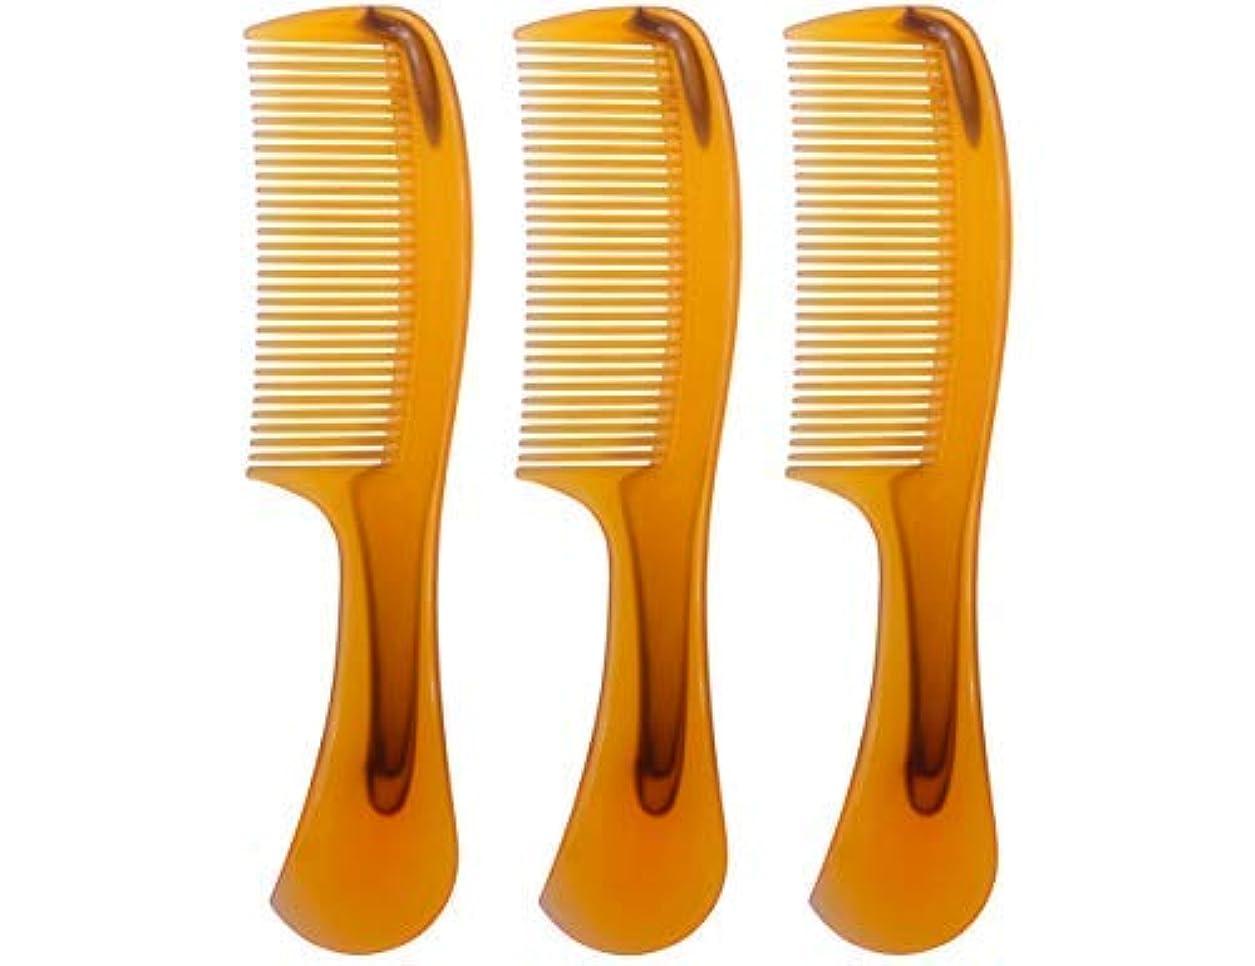 人差し指打倒キャンプLBY 3pcs 16 cm Hair Comb Round Handle Comb Hair Care Comb Plastic Yellow [並行輸入品]